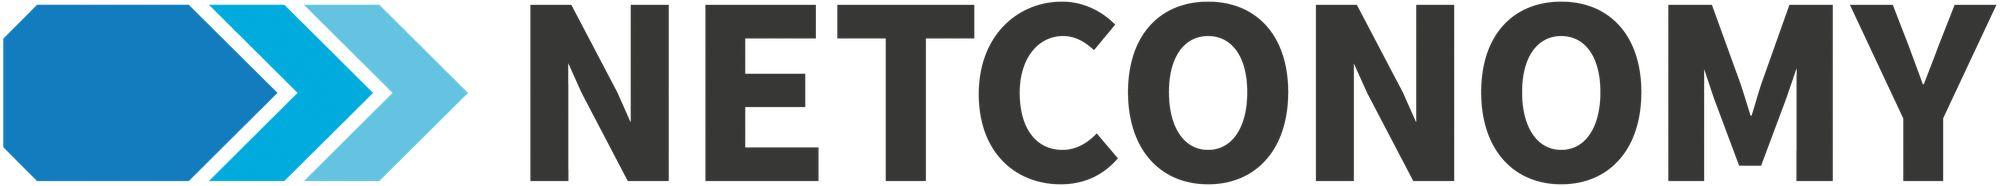 NETCONOMY d.o.o. Beograd-logo